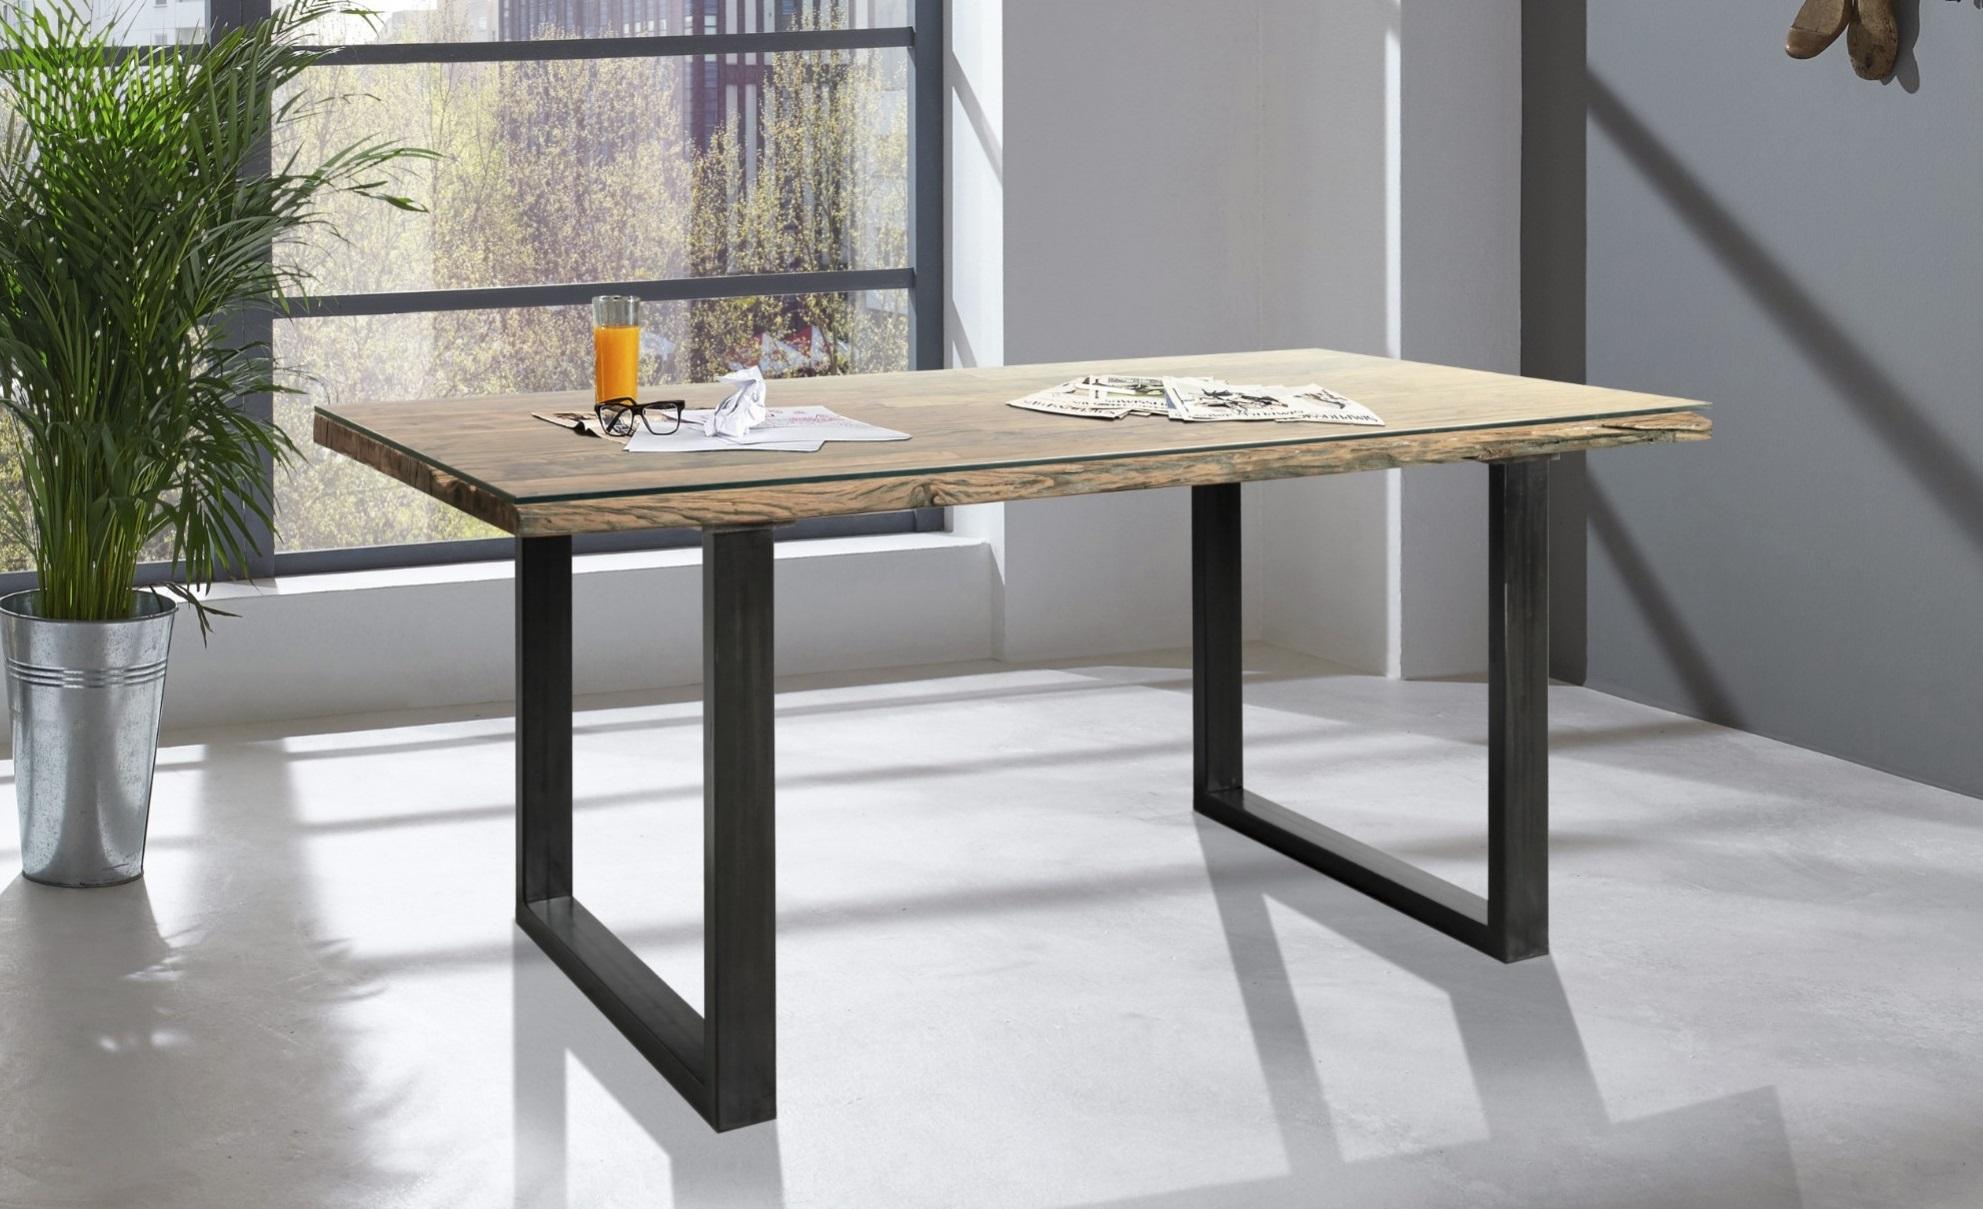 Stůl City kombinovaný z materiálů dřevo, kov a sklo